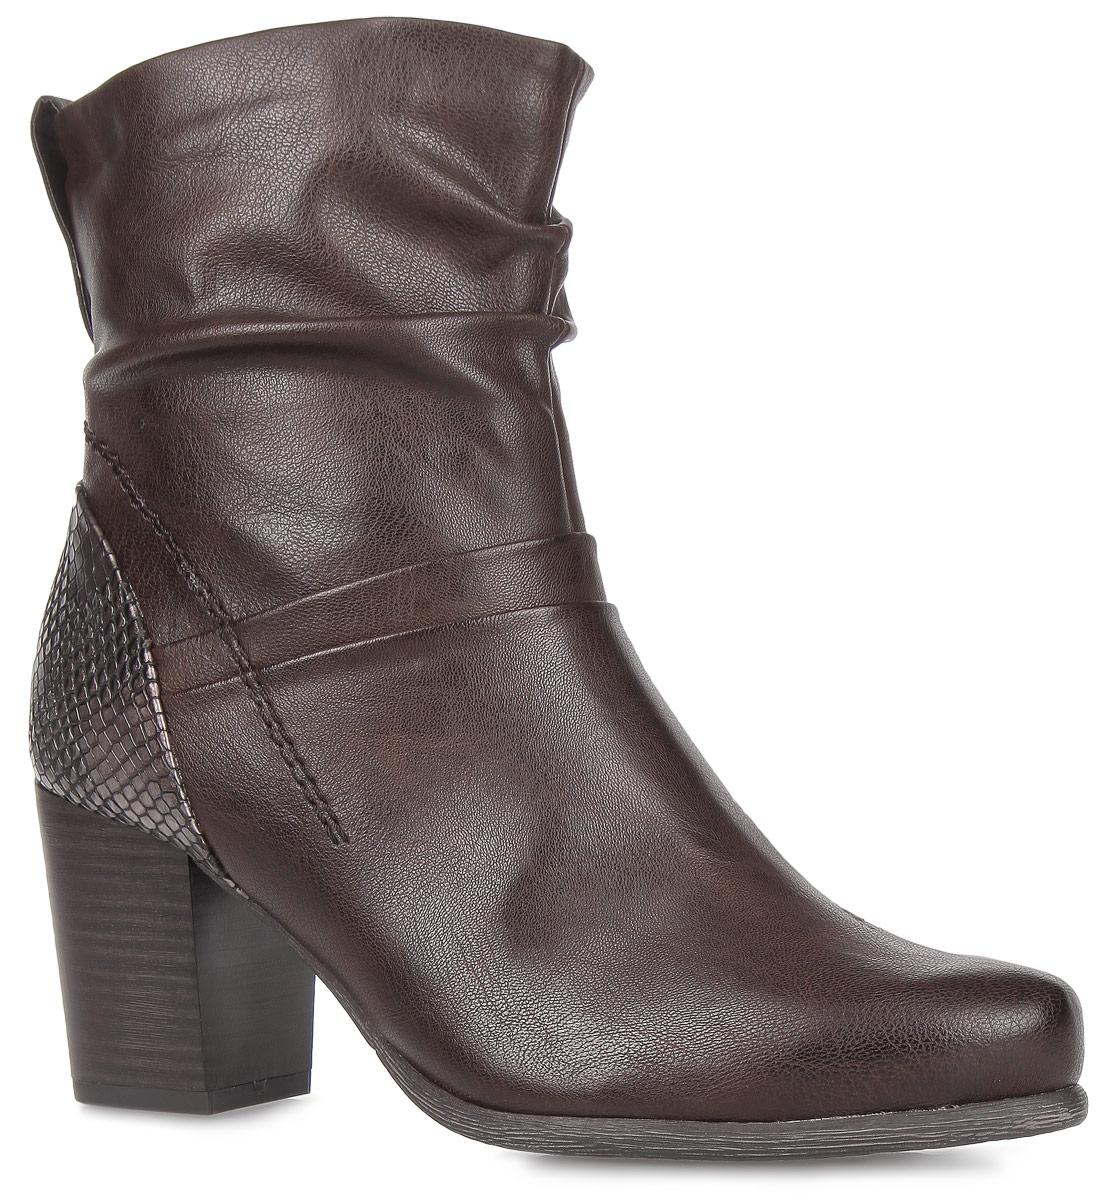 Ботинки женские. 2-2-25387-25-3952-2-25387-25-395Модные женские ботинки от Marco Tozzi - идеальный вариант на каждый день. Модель выполнена из искусственной гладкой кожи и декорирована в области задника вставкой с узором, имитирующим змеиную кожу. Подкладка и стелька - из мягкого текстиля, защитят ноги от холода и обеспечат комфорт. Подъем и голенище украшены декоративными складками. К задней части голенища прикреплен ярлычок с металлической кнопкой. Умеренный высоты каблук, стилизованный под дерево, устойчив. Ботинки застегиваются на молнию, расположенную на одной их боковых сторон. Подошва из резины с рельефным протектором обеспечивает отличное сцепление на любой поверхности. В этих ботинках вашим ногам будет комфортно и уютно. Они подчеркнут ваш стиль и индивидуальность.